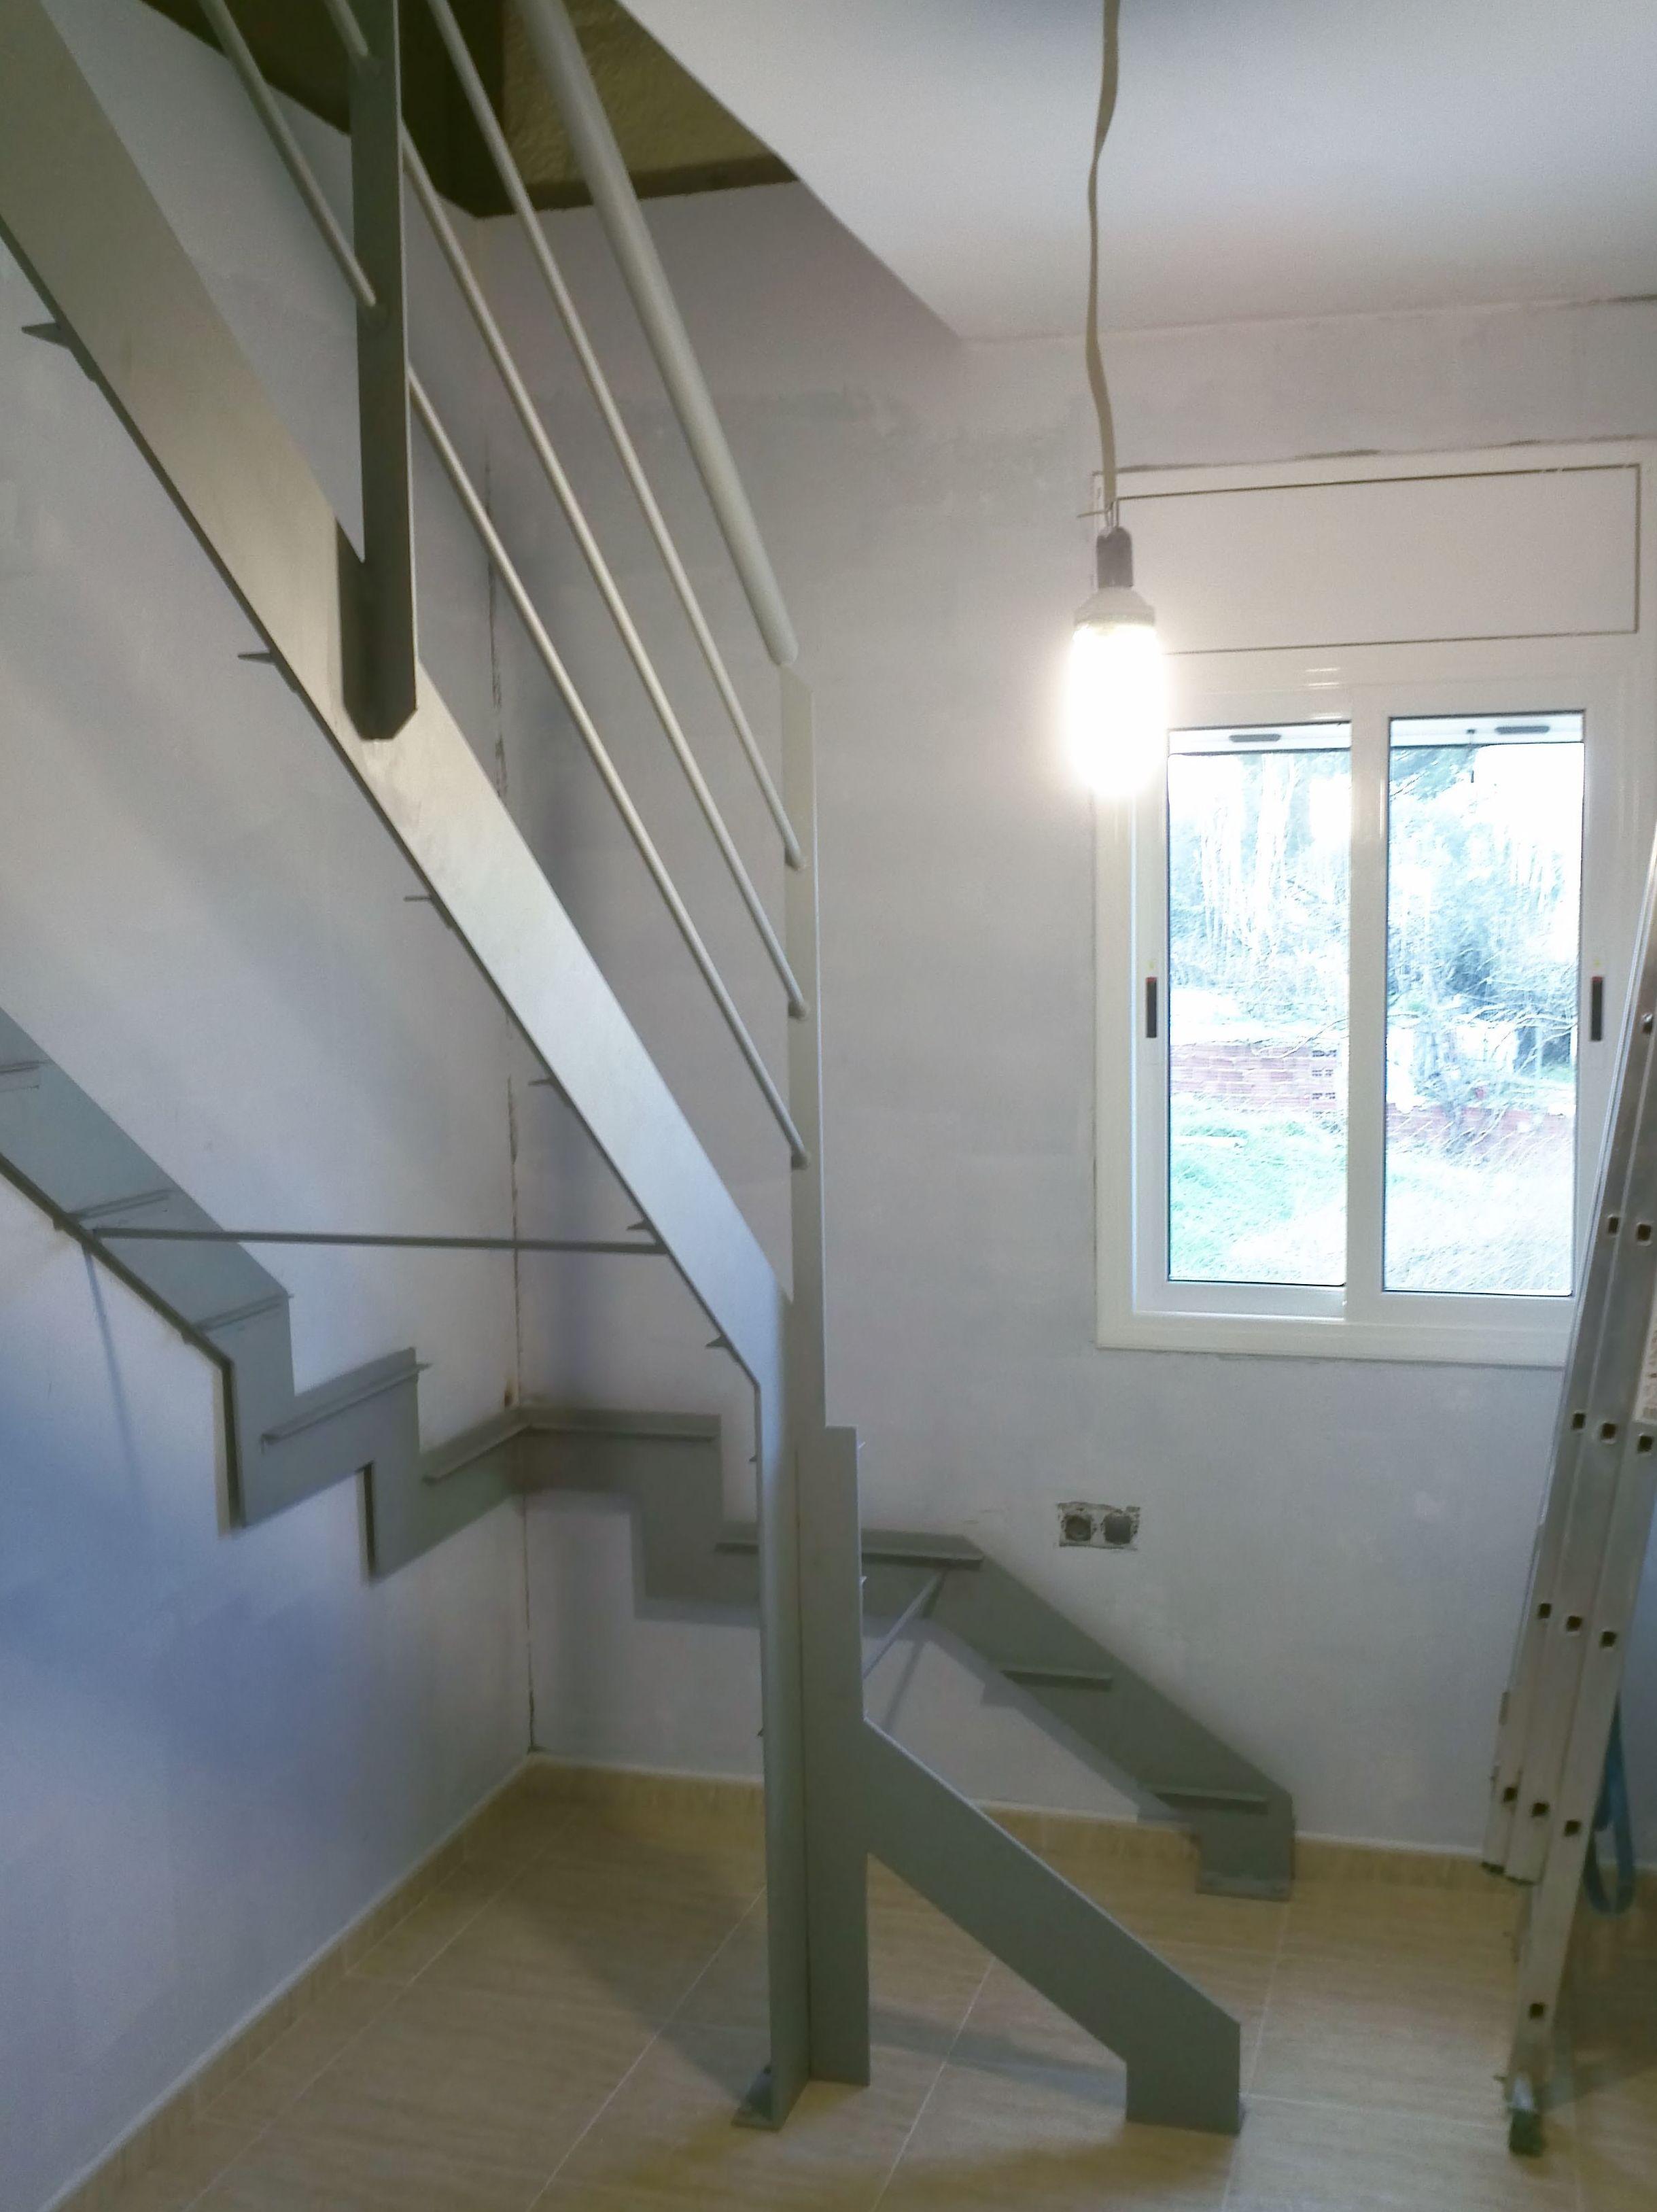 realizacin de escalera metlica interior